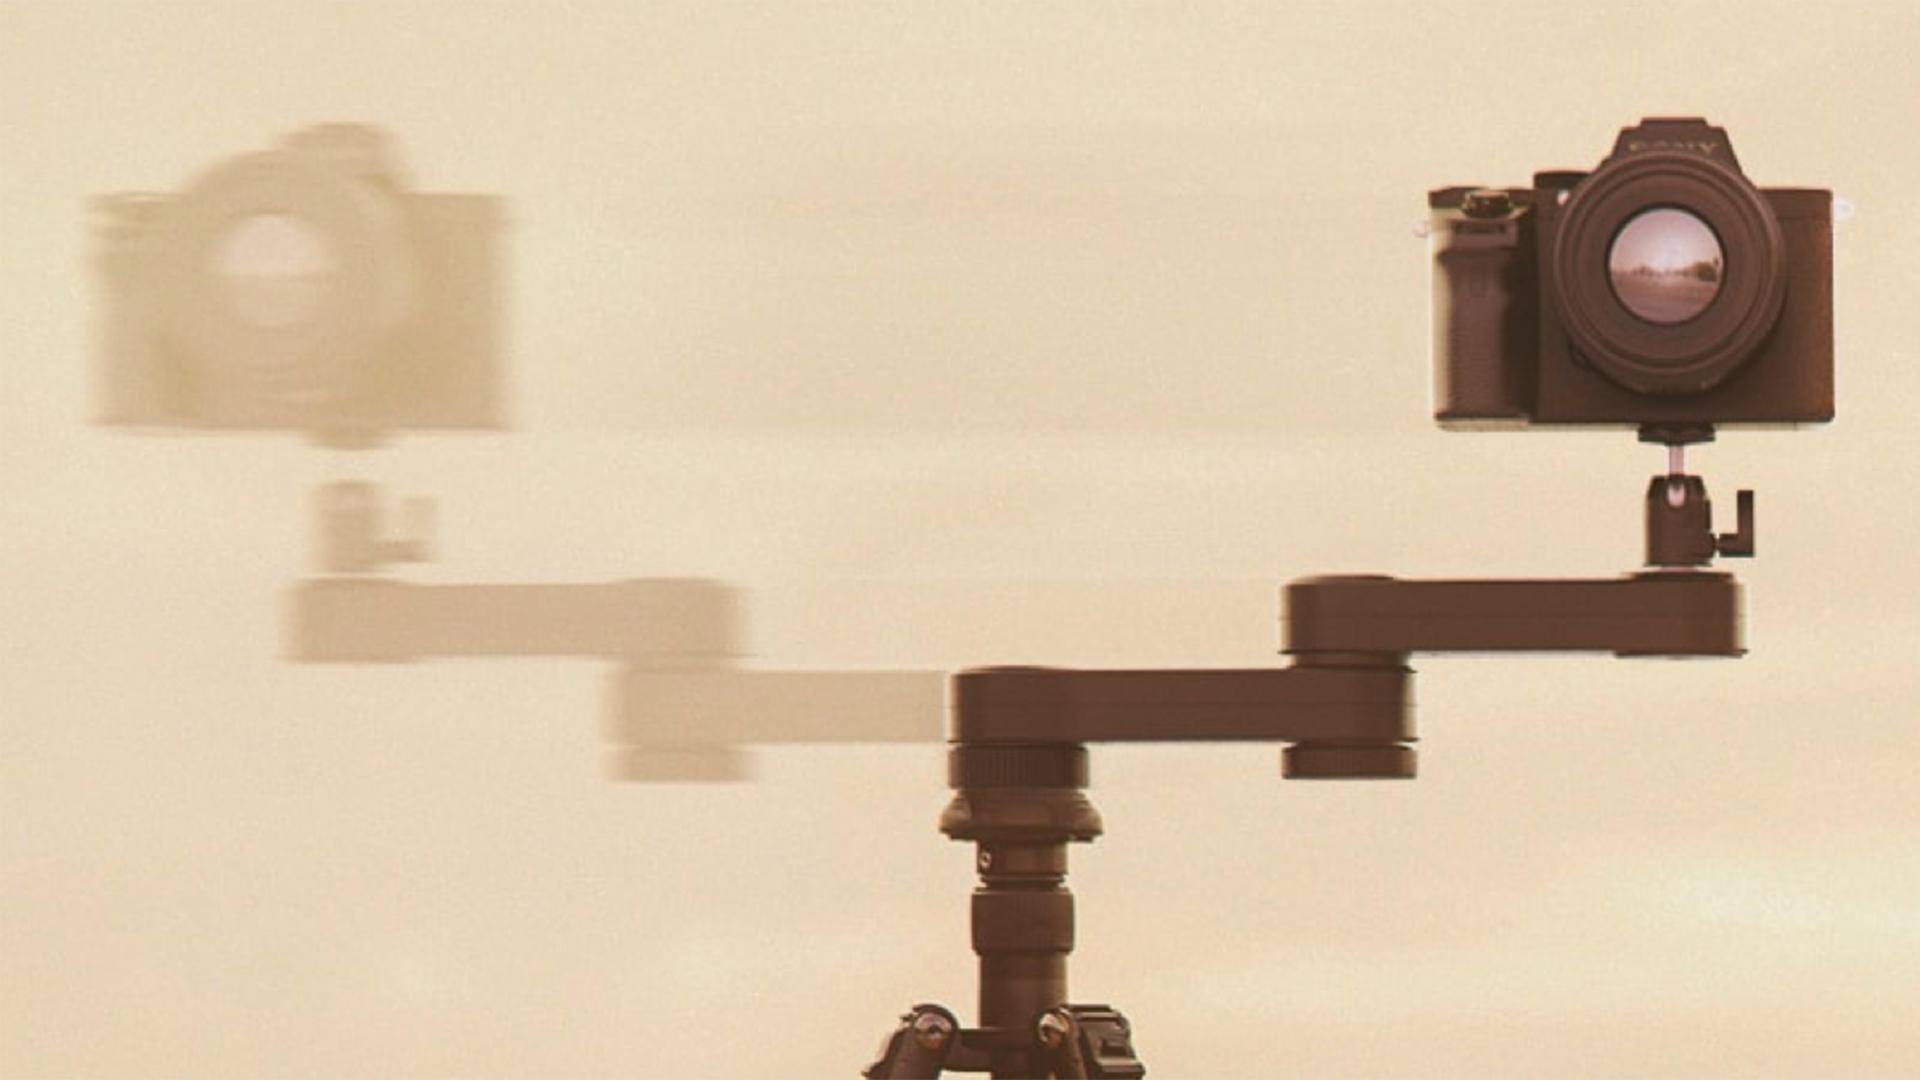 Edelkrone Wing(エーデルクローン ウイング) – レールが無いスライダー